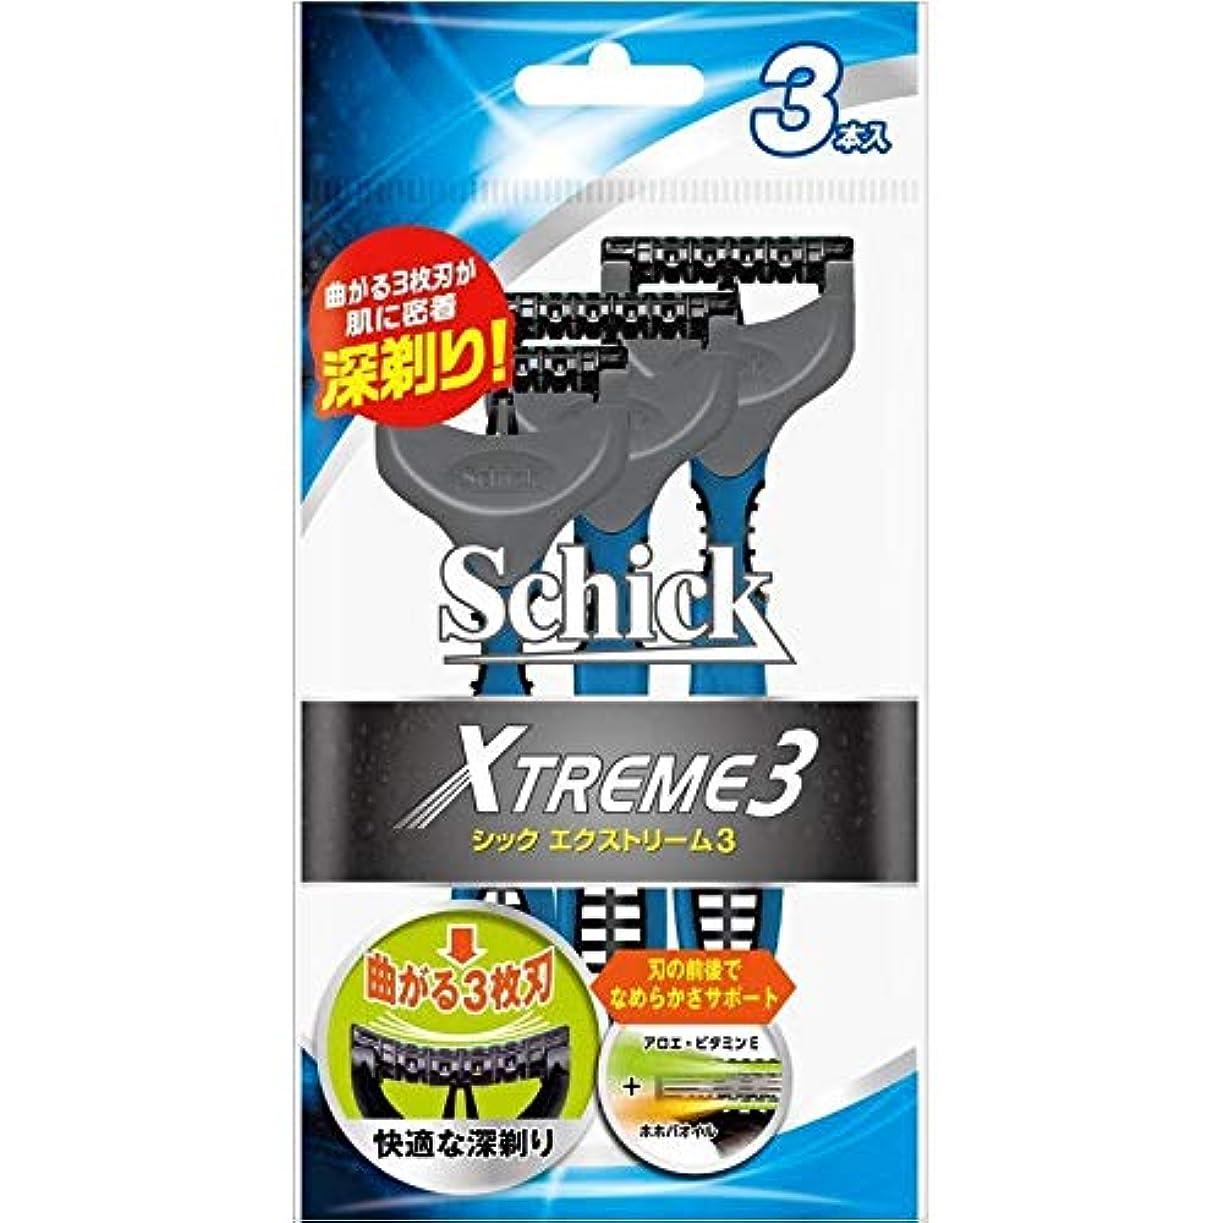 舗装するレビューリークシック エクストリーム3 (3本入) 男性用カミソリ 10個セット